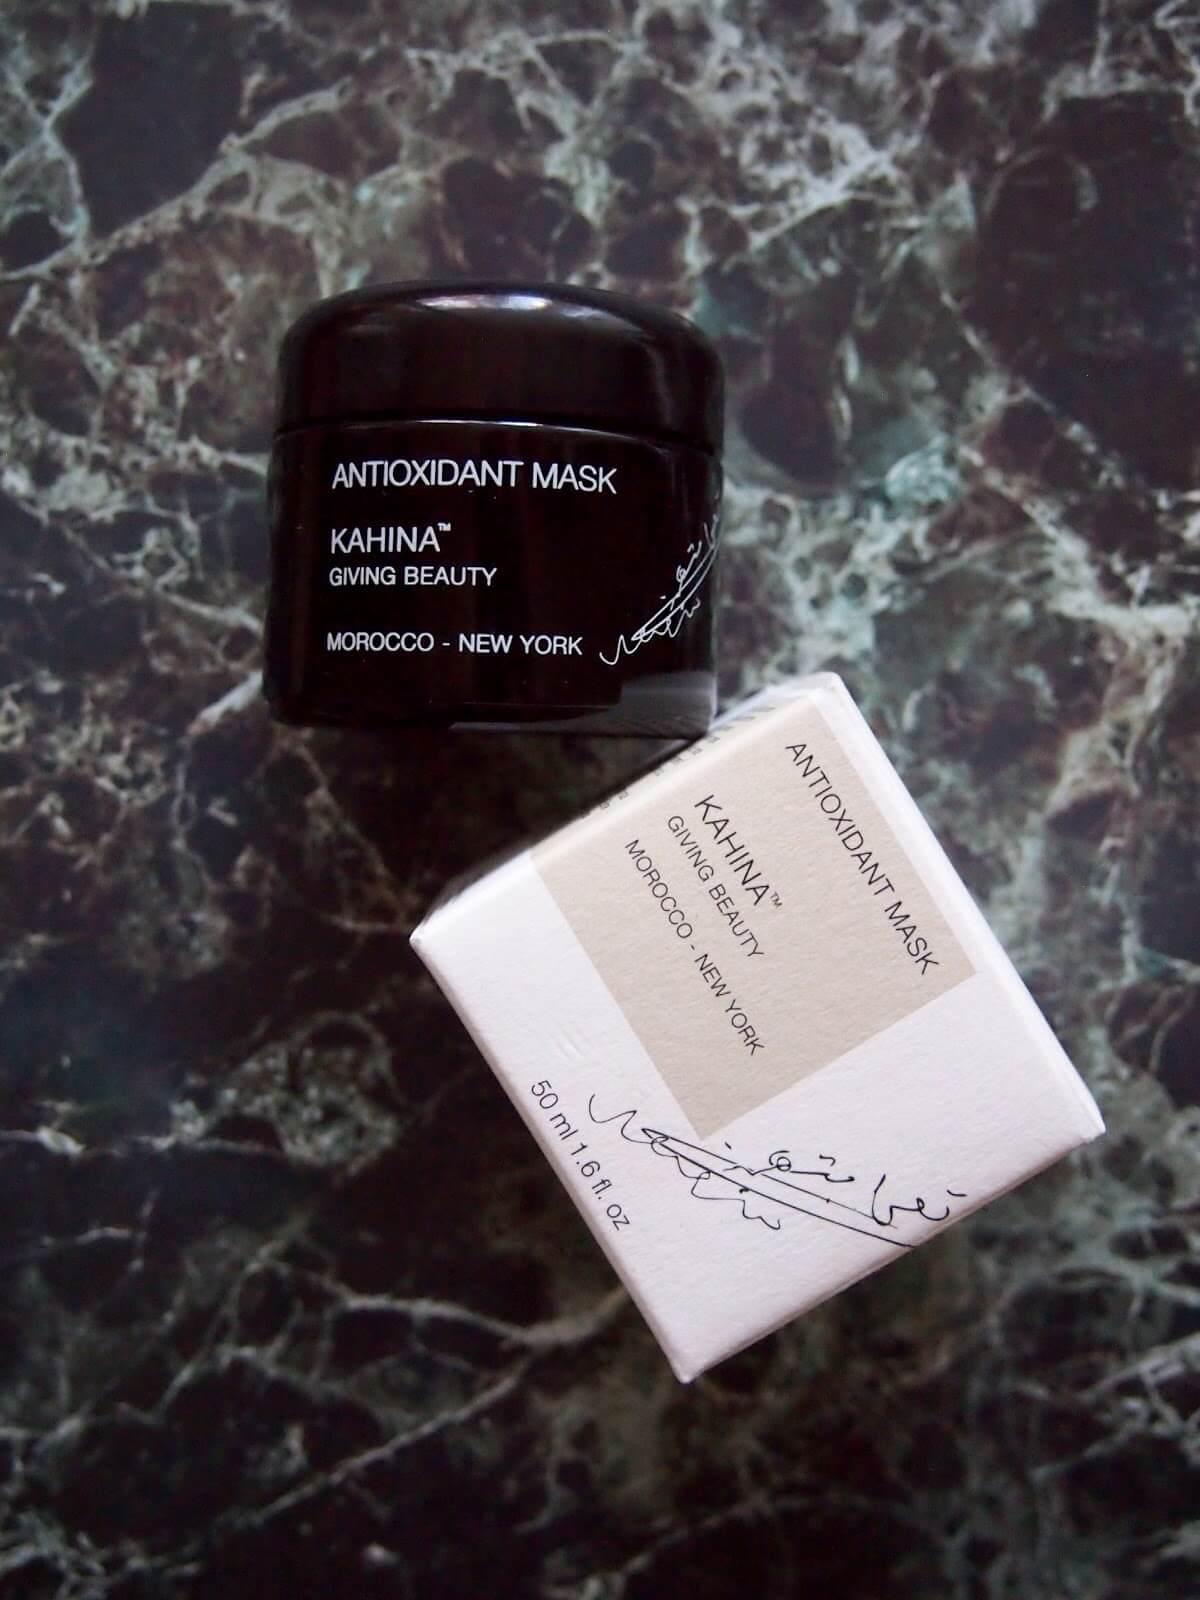 kahina antioxidant mask